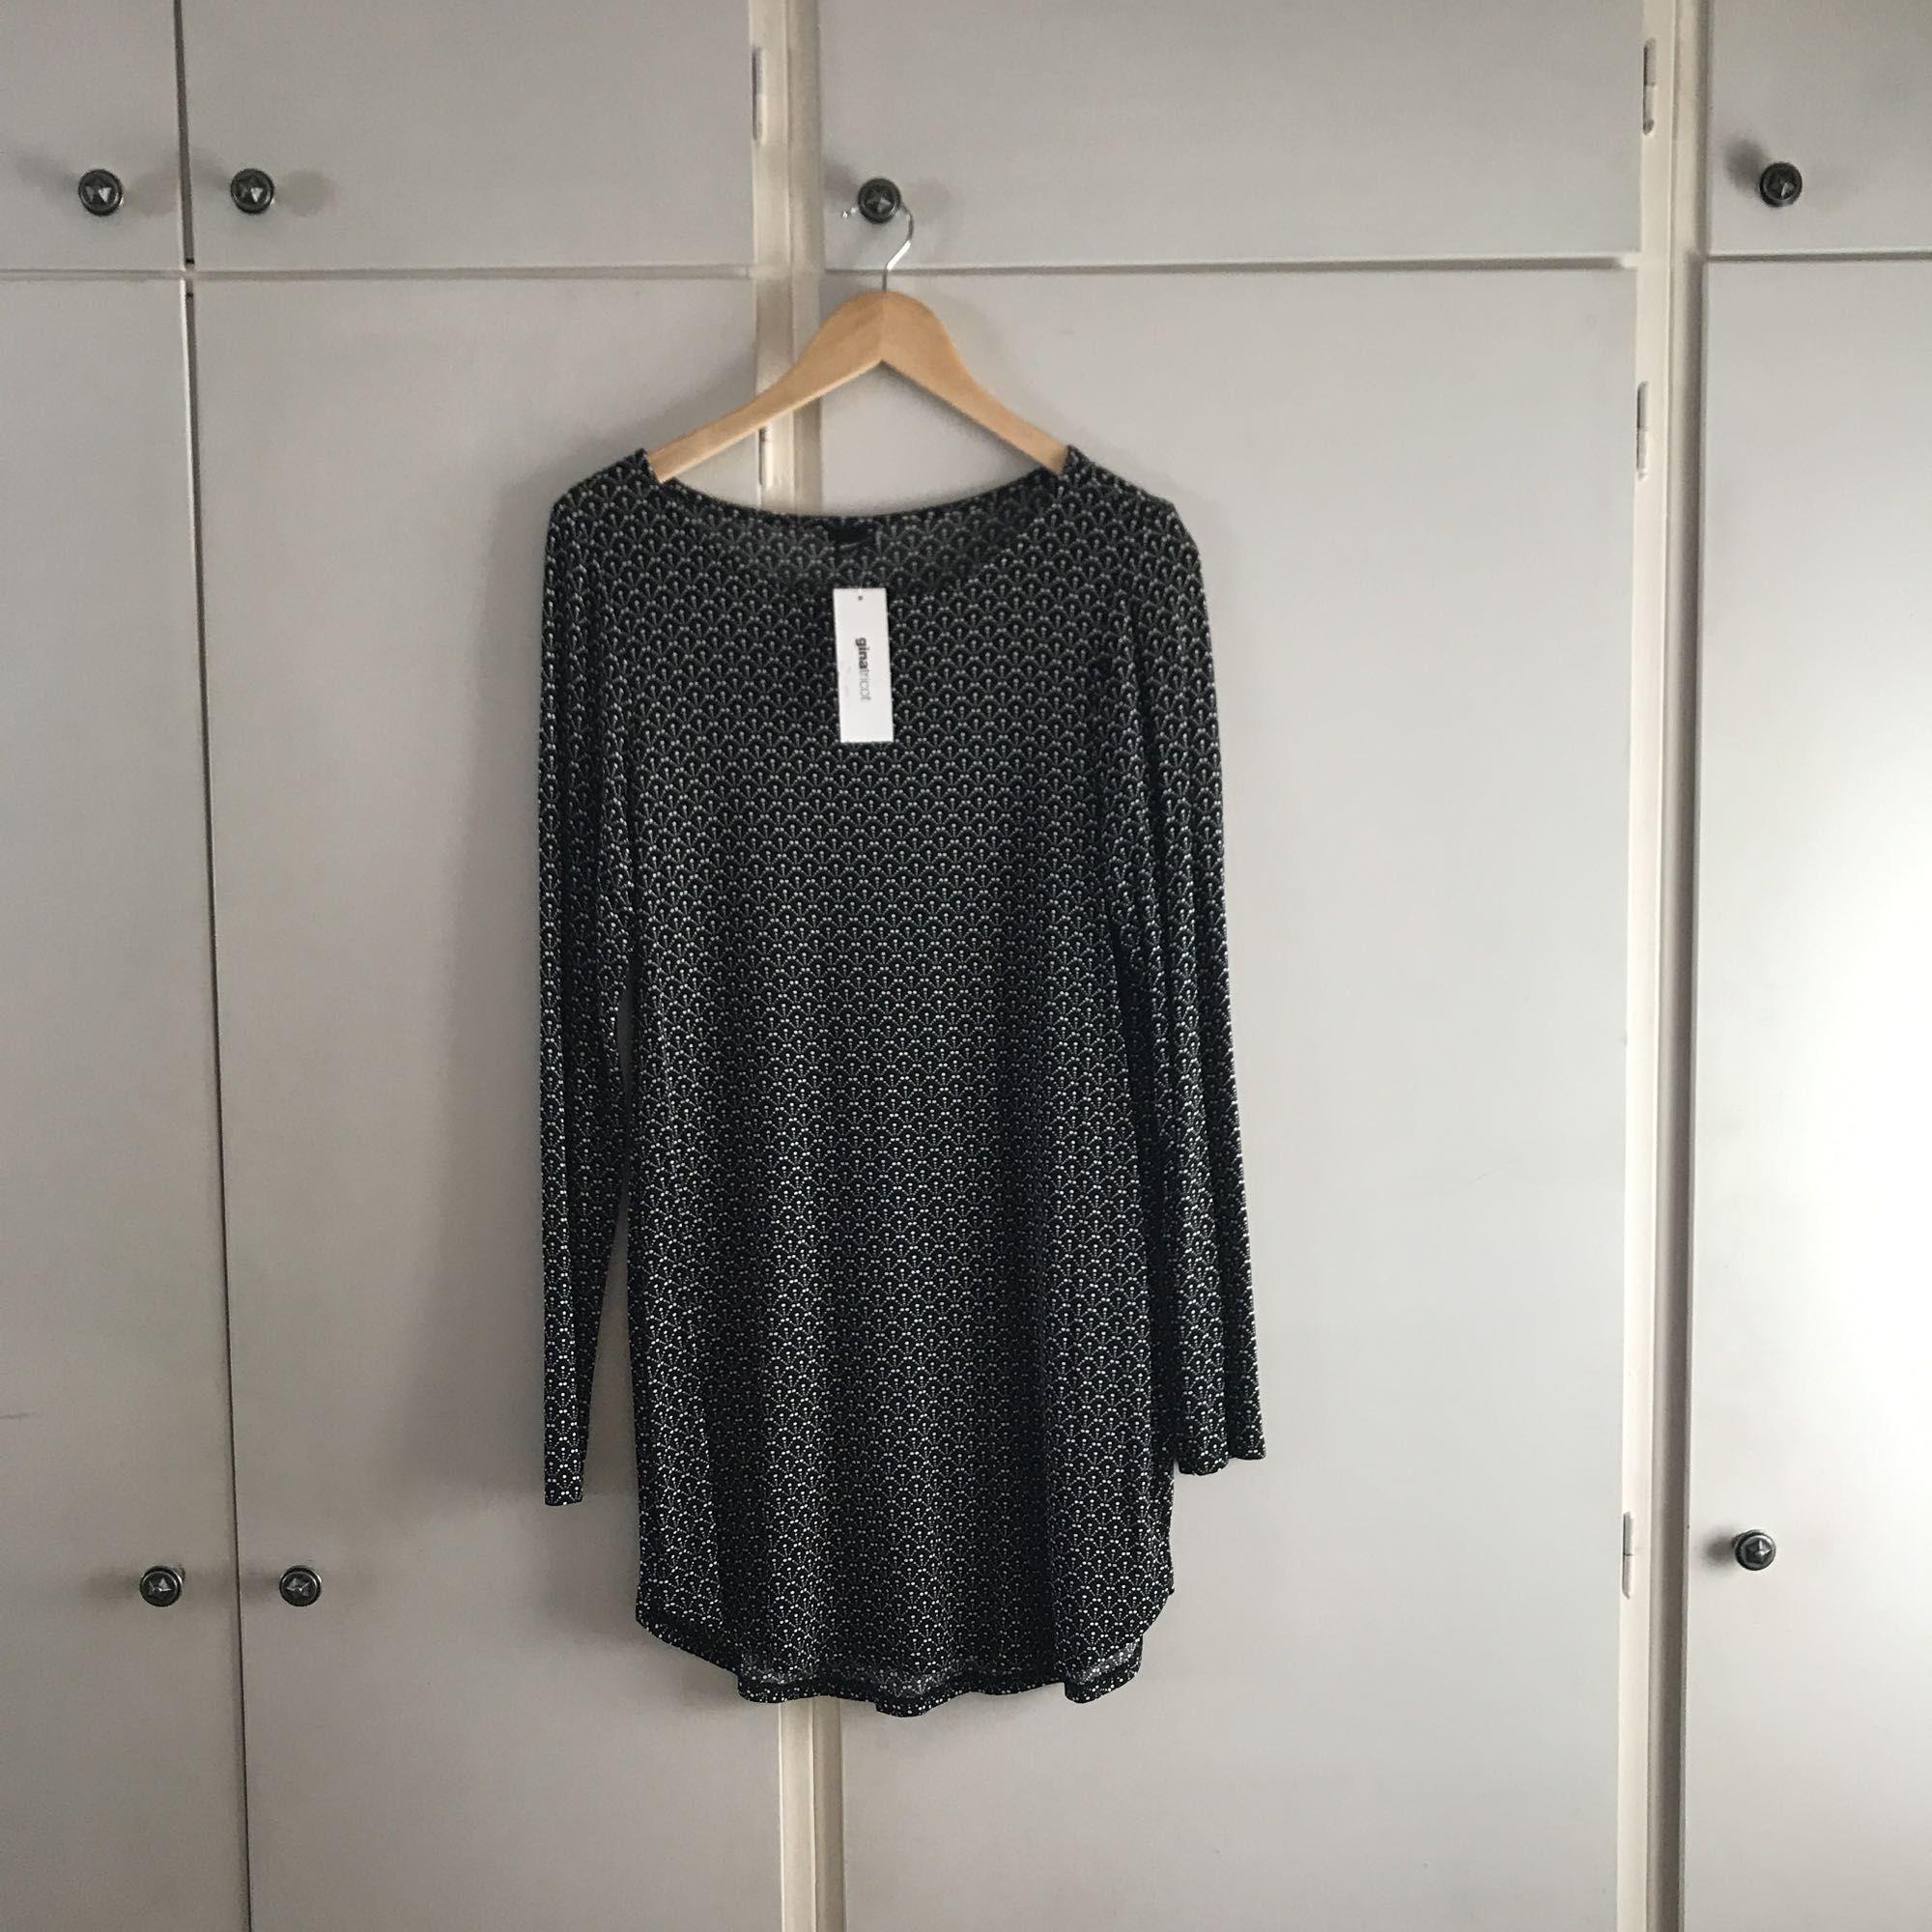 f5bd4c575431 Klänningar Helt ny klänning/tunika från GinaTricot. Köpare står för  eventuell frakt 💫.